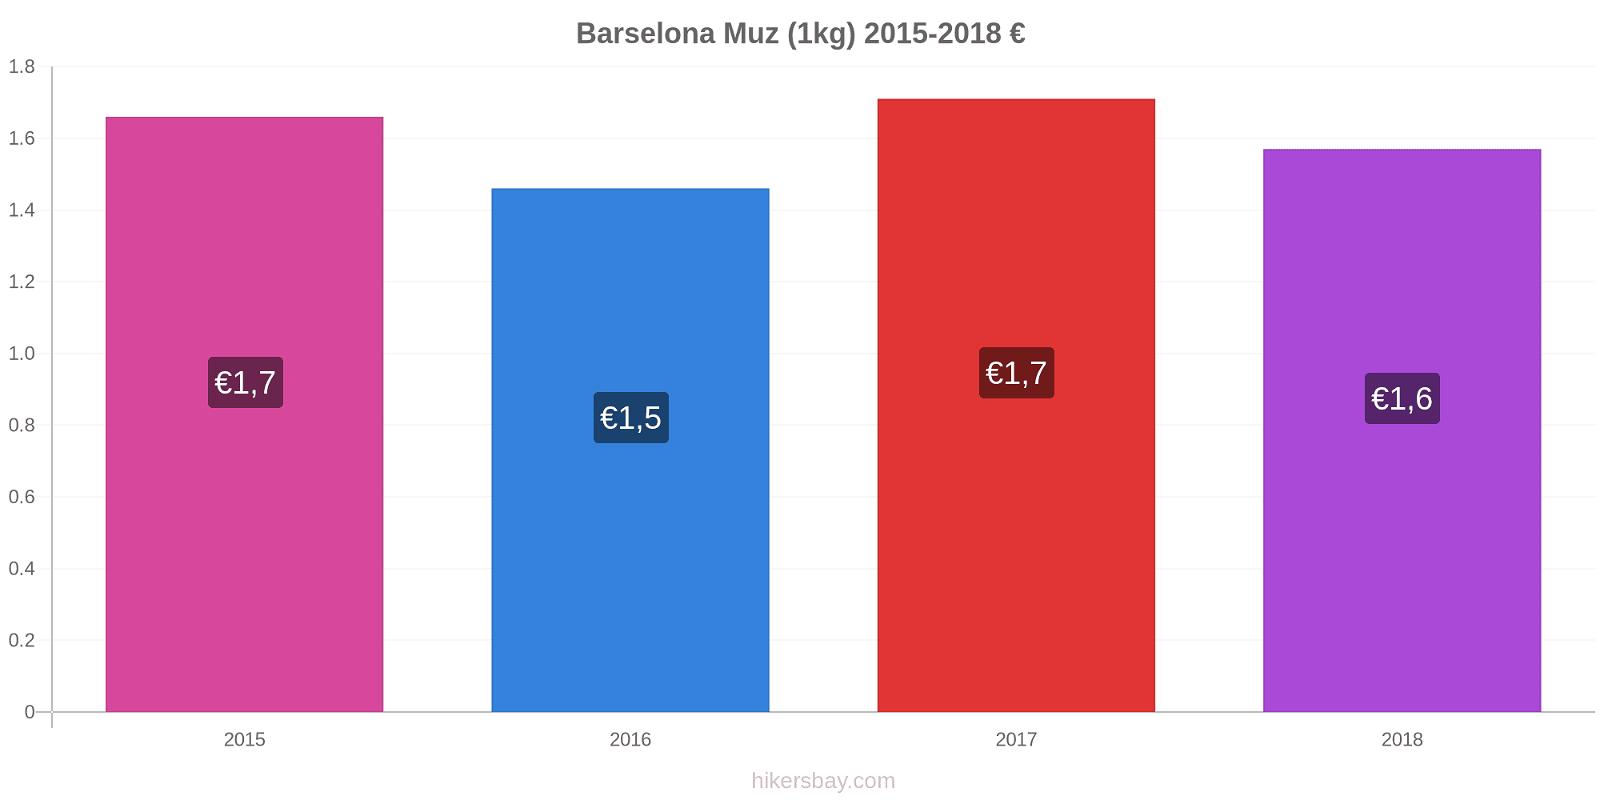 Barselona fiyat değişiklikleri Muz (1kg) hikersbay.com